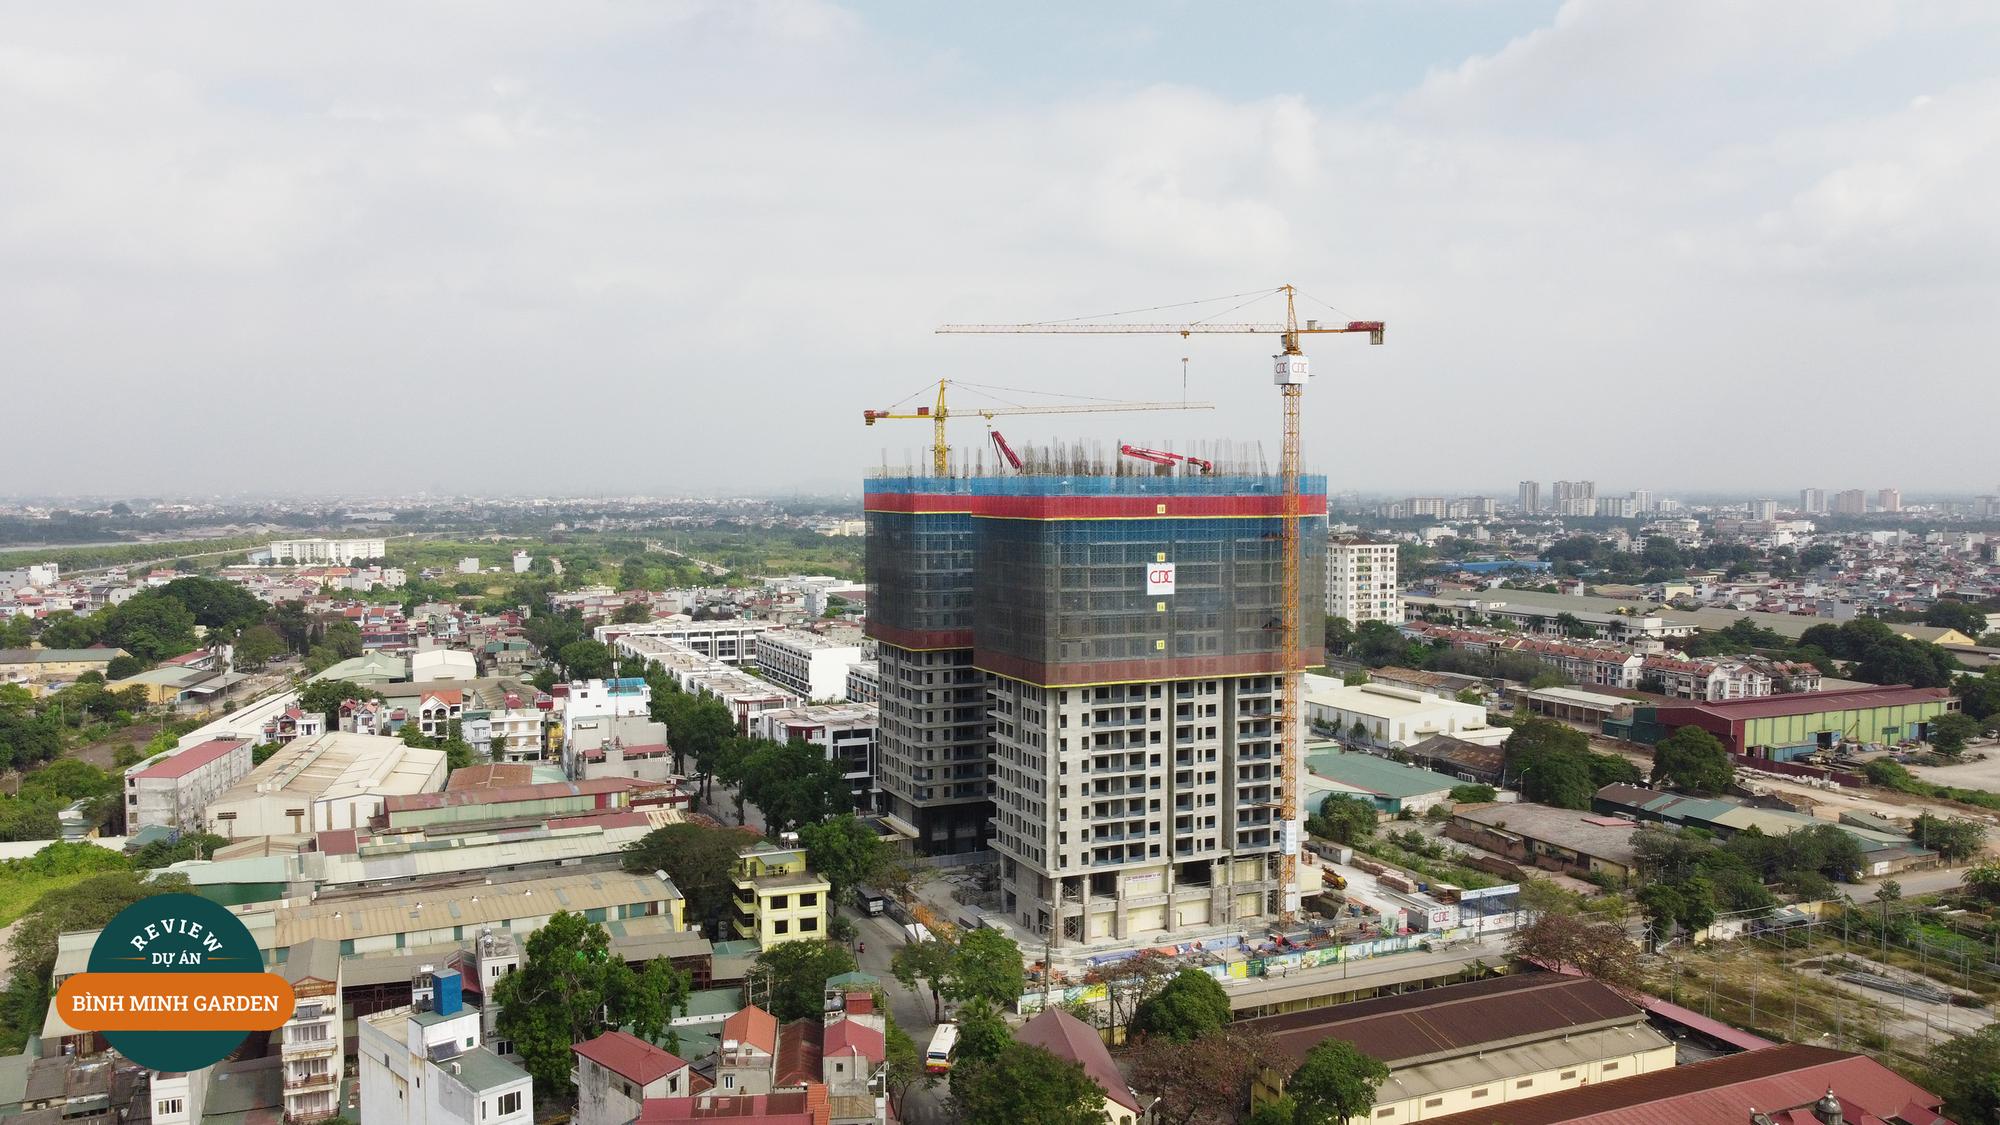 Review dự án Bình Minh Garden: Tổ hợp chung cư, shophouse hơn nghìn tỷ gần cầu Đông Trù của Shark Hưng - Ảnh 6.